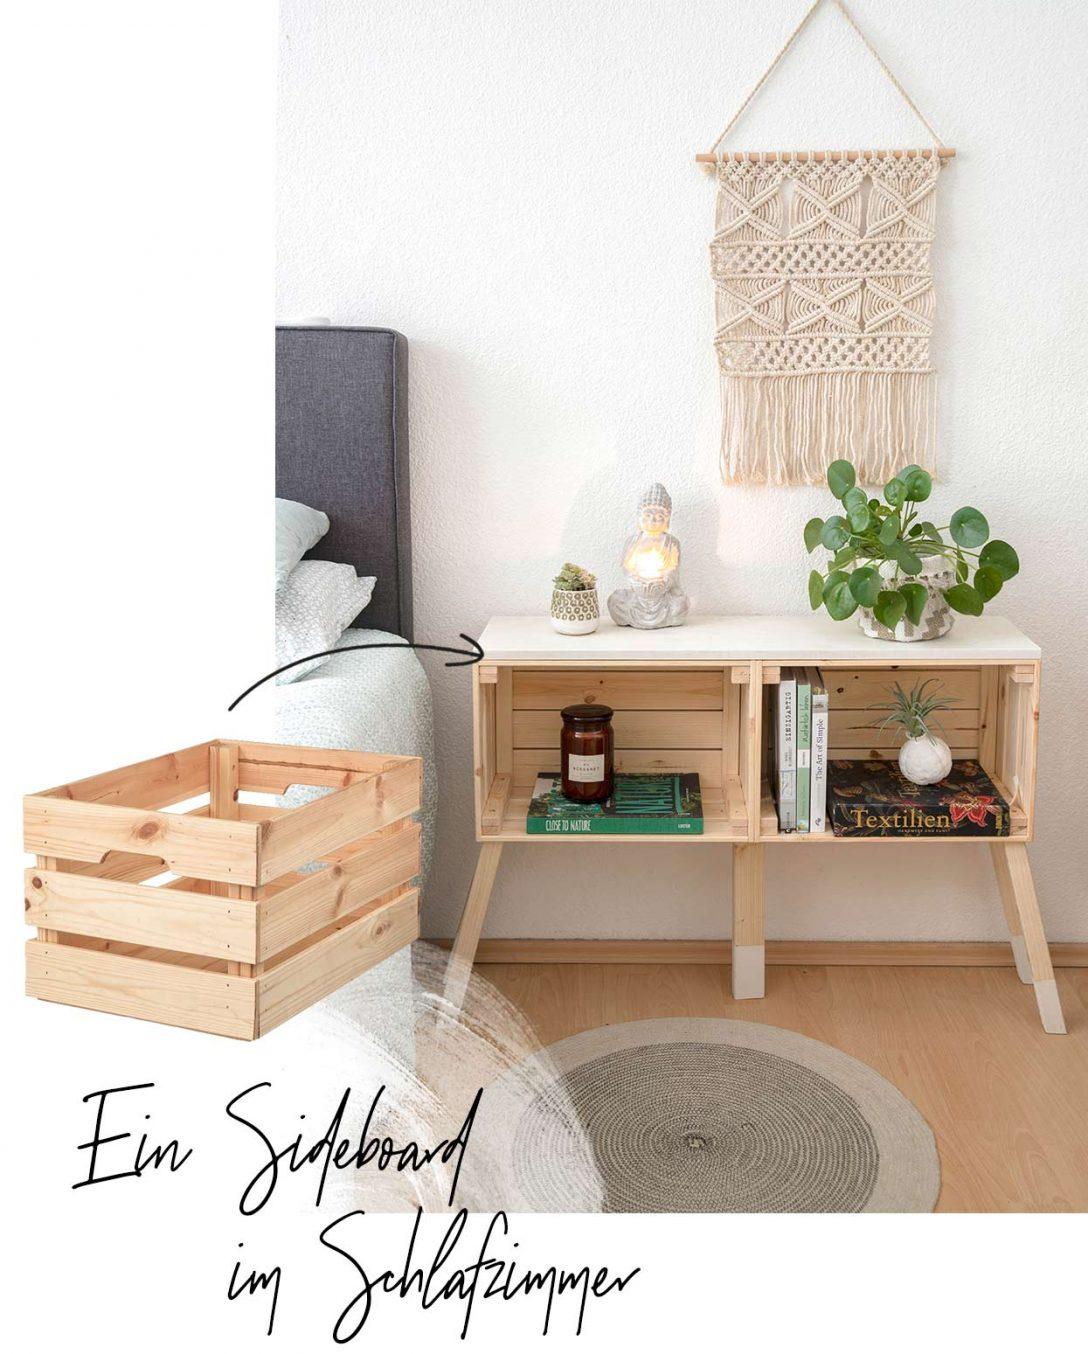 Large Size of Ikea Sideboard Mit Kisten Selber Bauen Wohnklamotte Betten 160x200 Küche Miniküche Bei Modulküche Kosten Arbeitsplatte Wohnzimmer Kaufen Sofa Schlaffunktion Wohnzimmer Ikea Sideboard